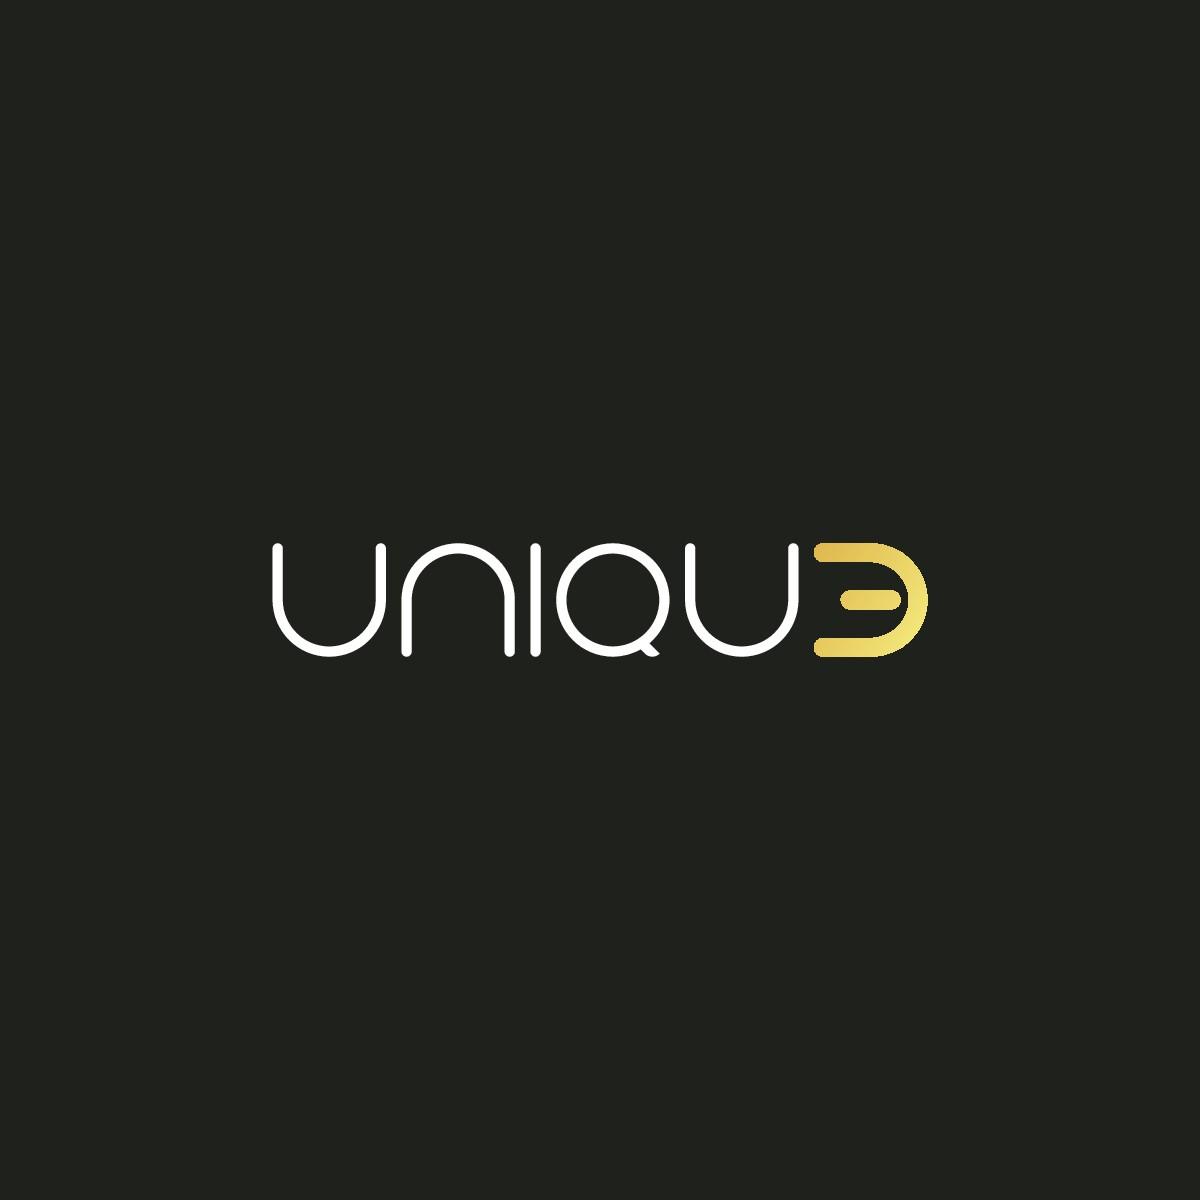 Uniqu3 (Unique)